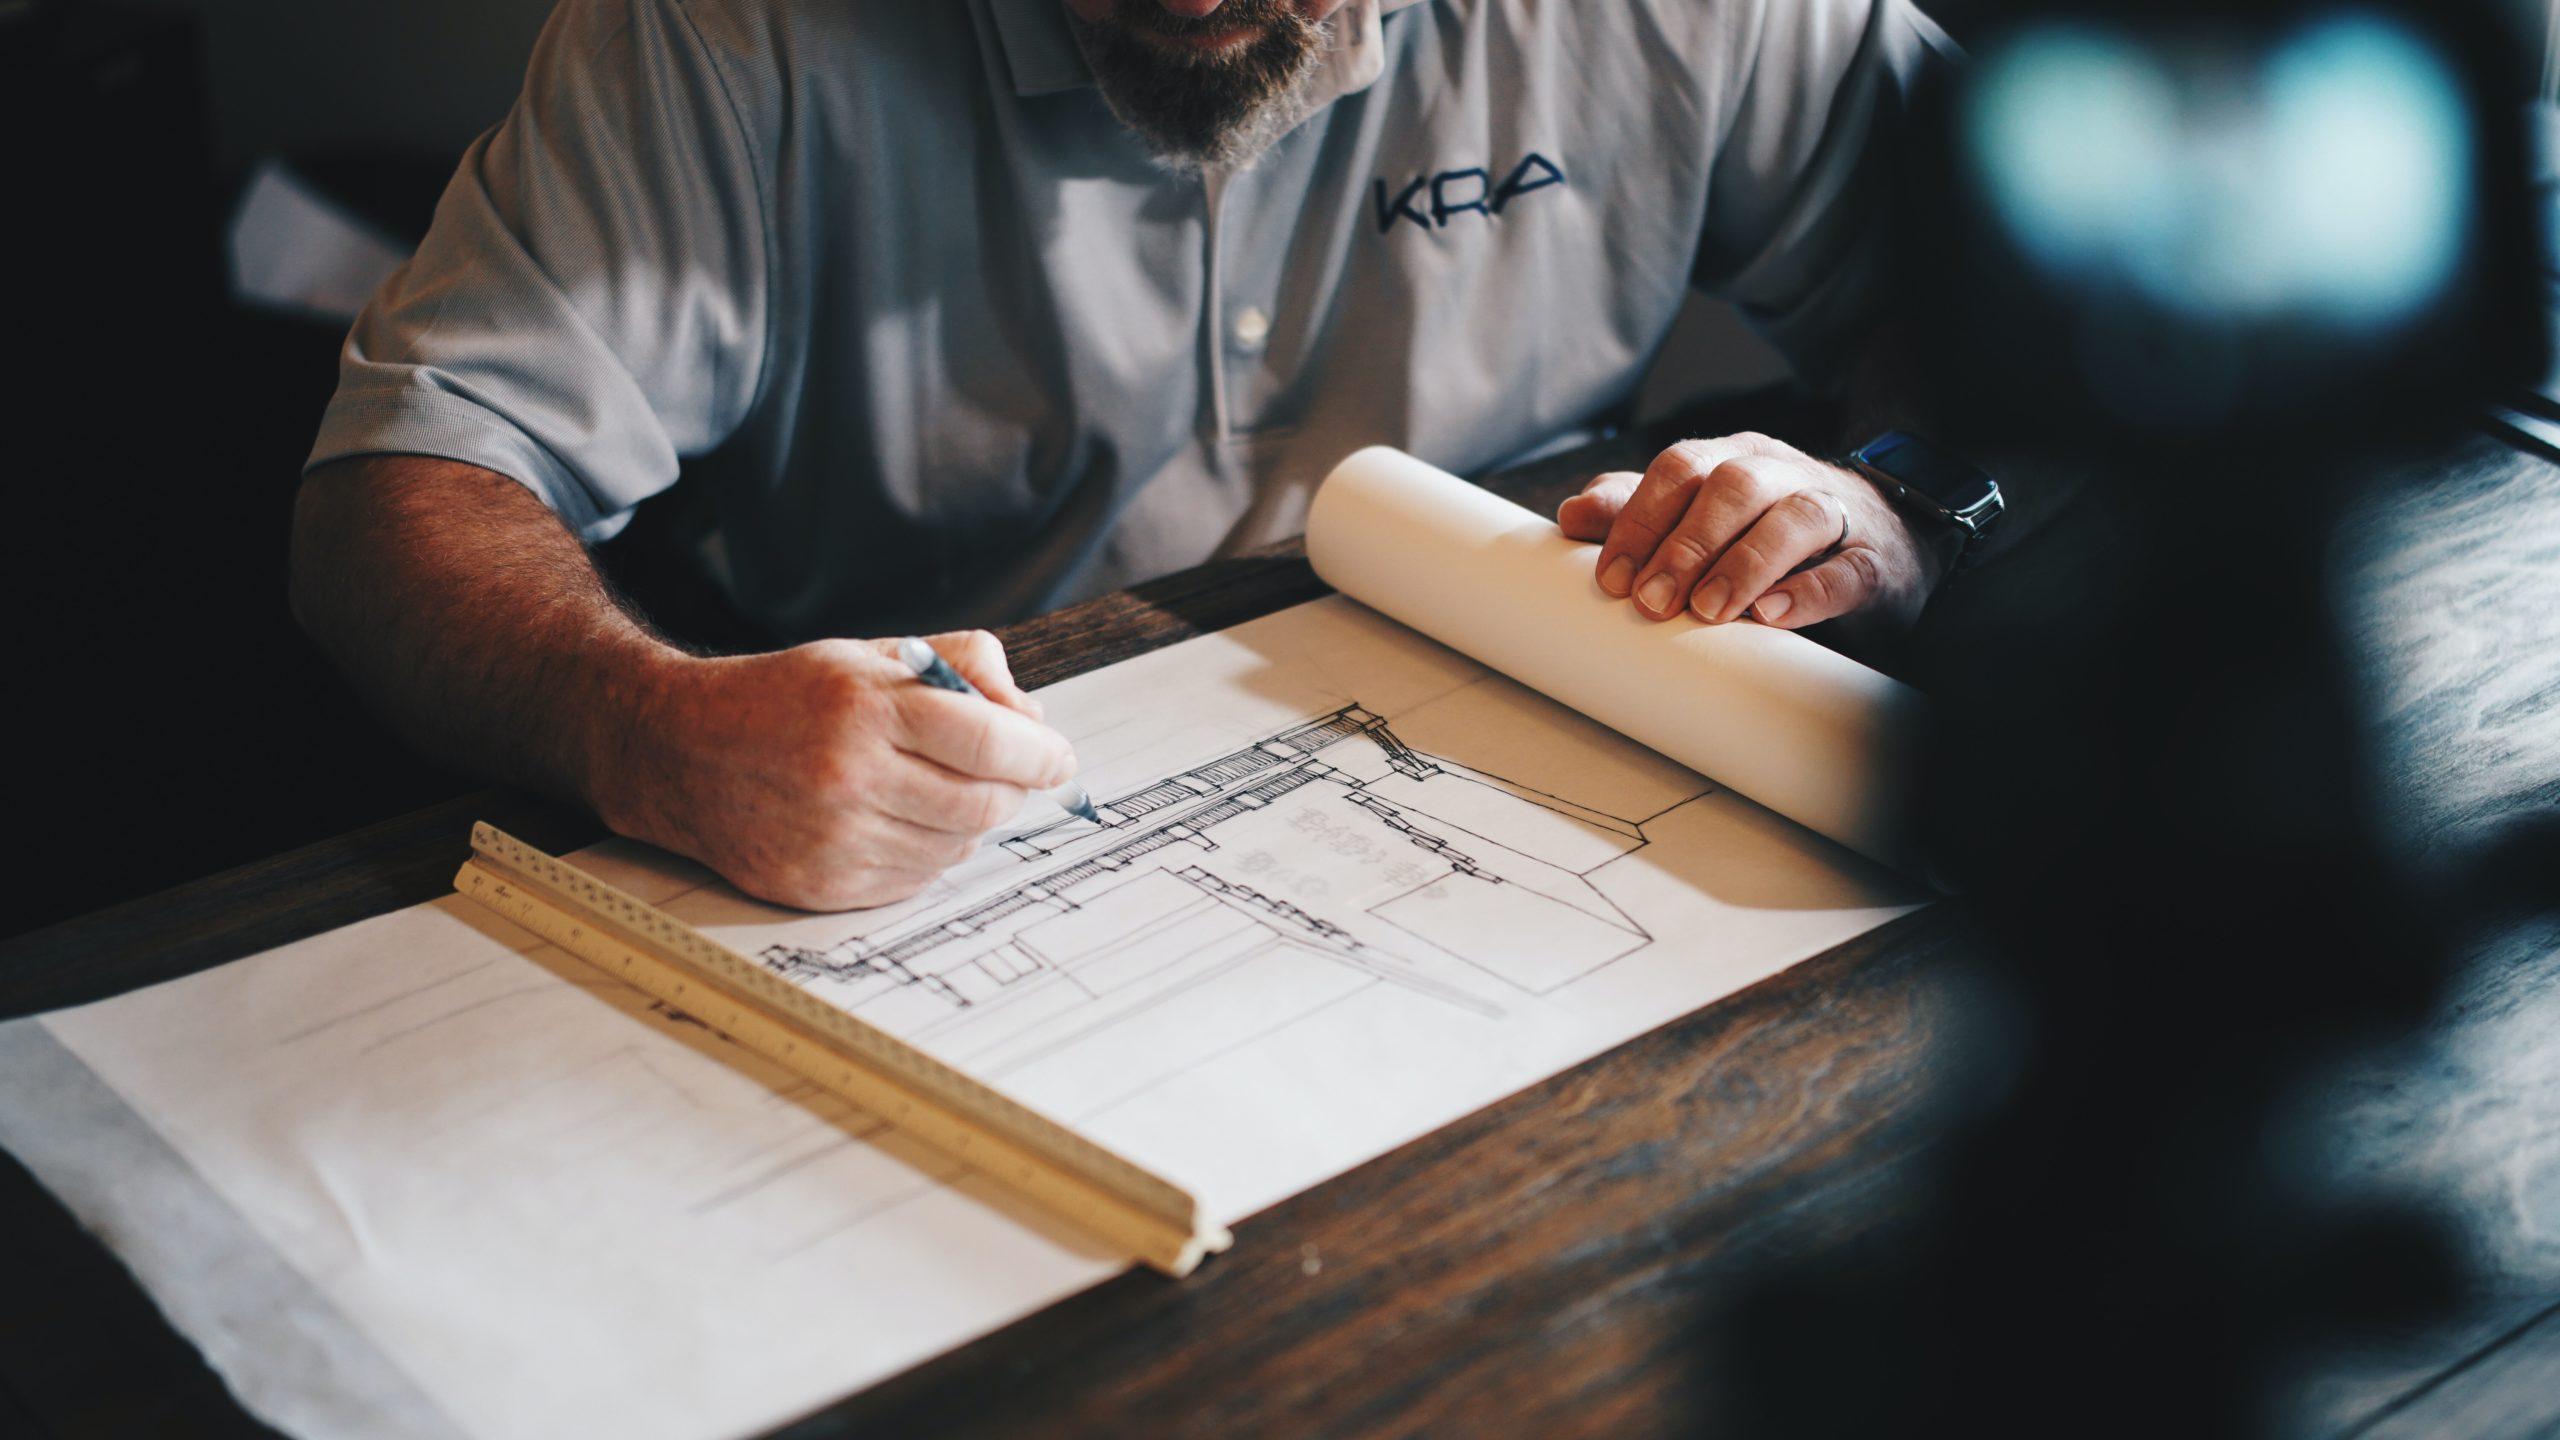 Prawo budowlane: zmiany w przepisach w 2020 roku